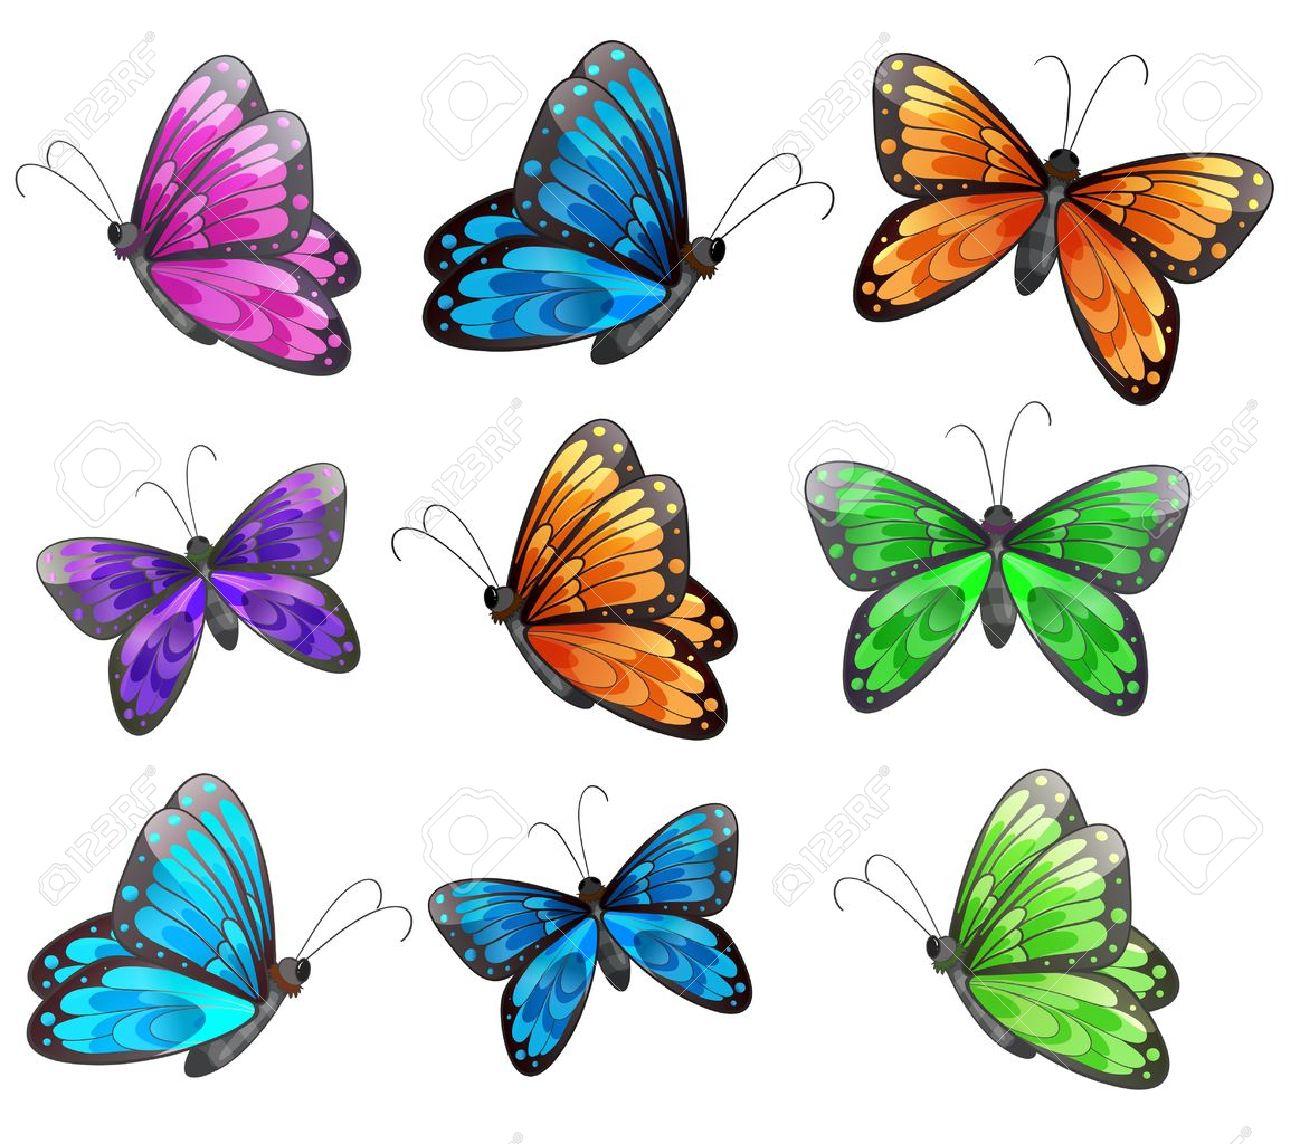 dessin papillon illustration des neuf papillons colors sur un fond blanc